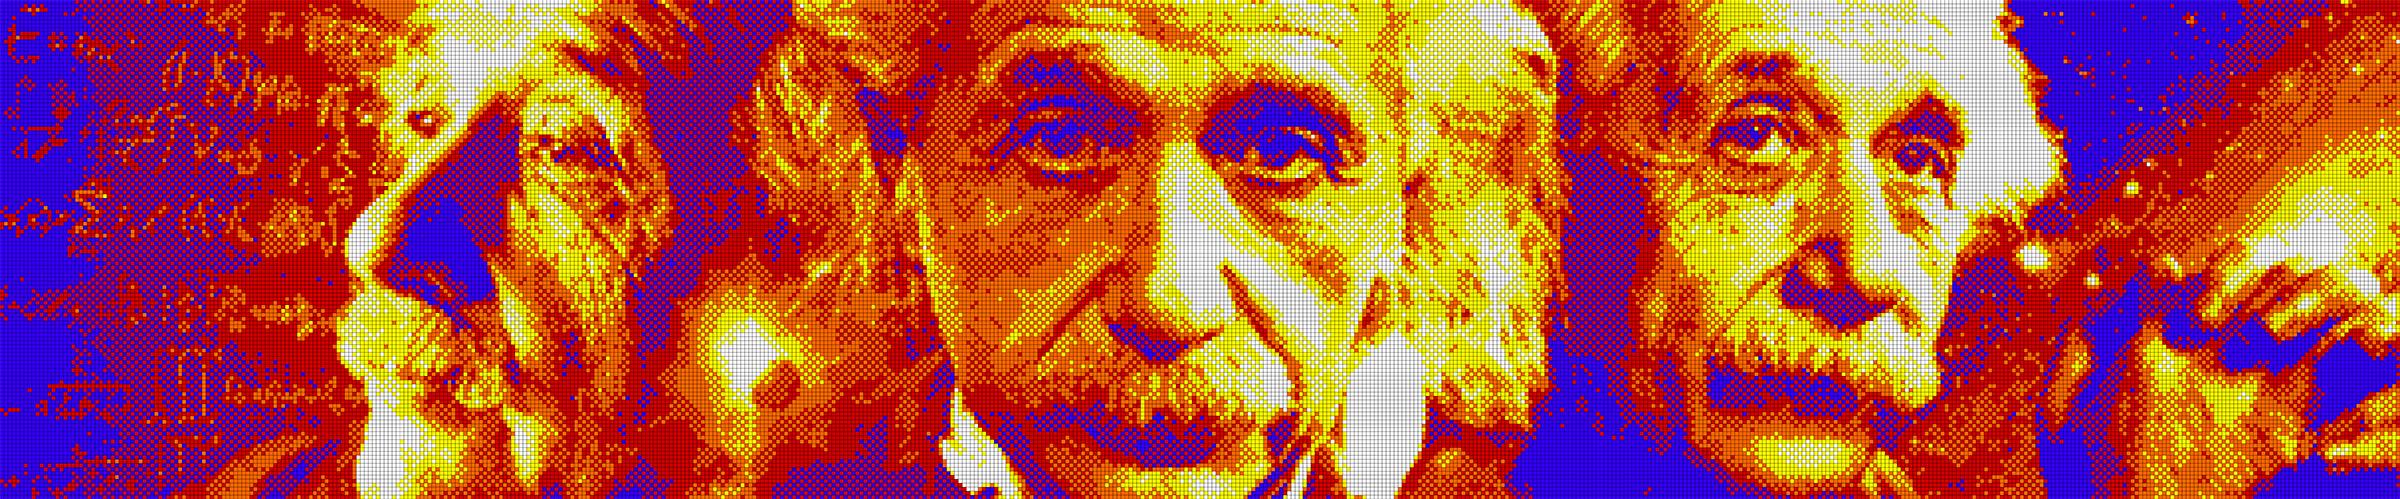 Buttonpresser-Einstein.jpg